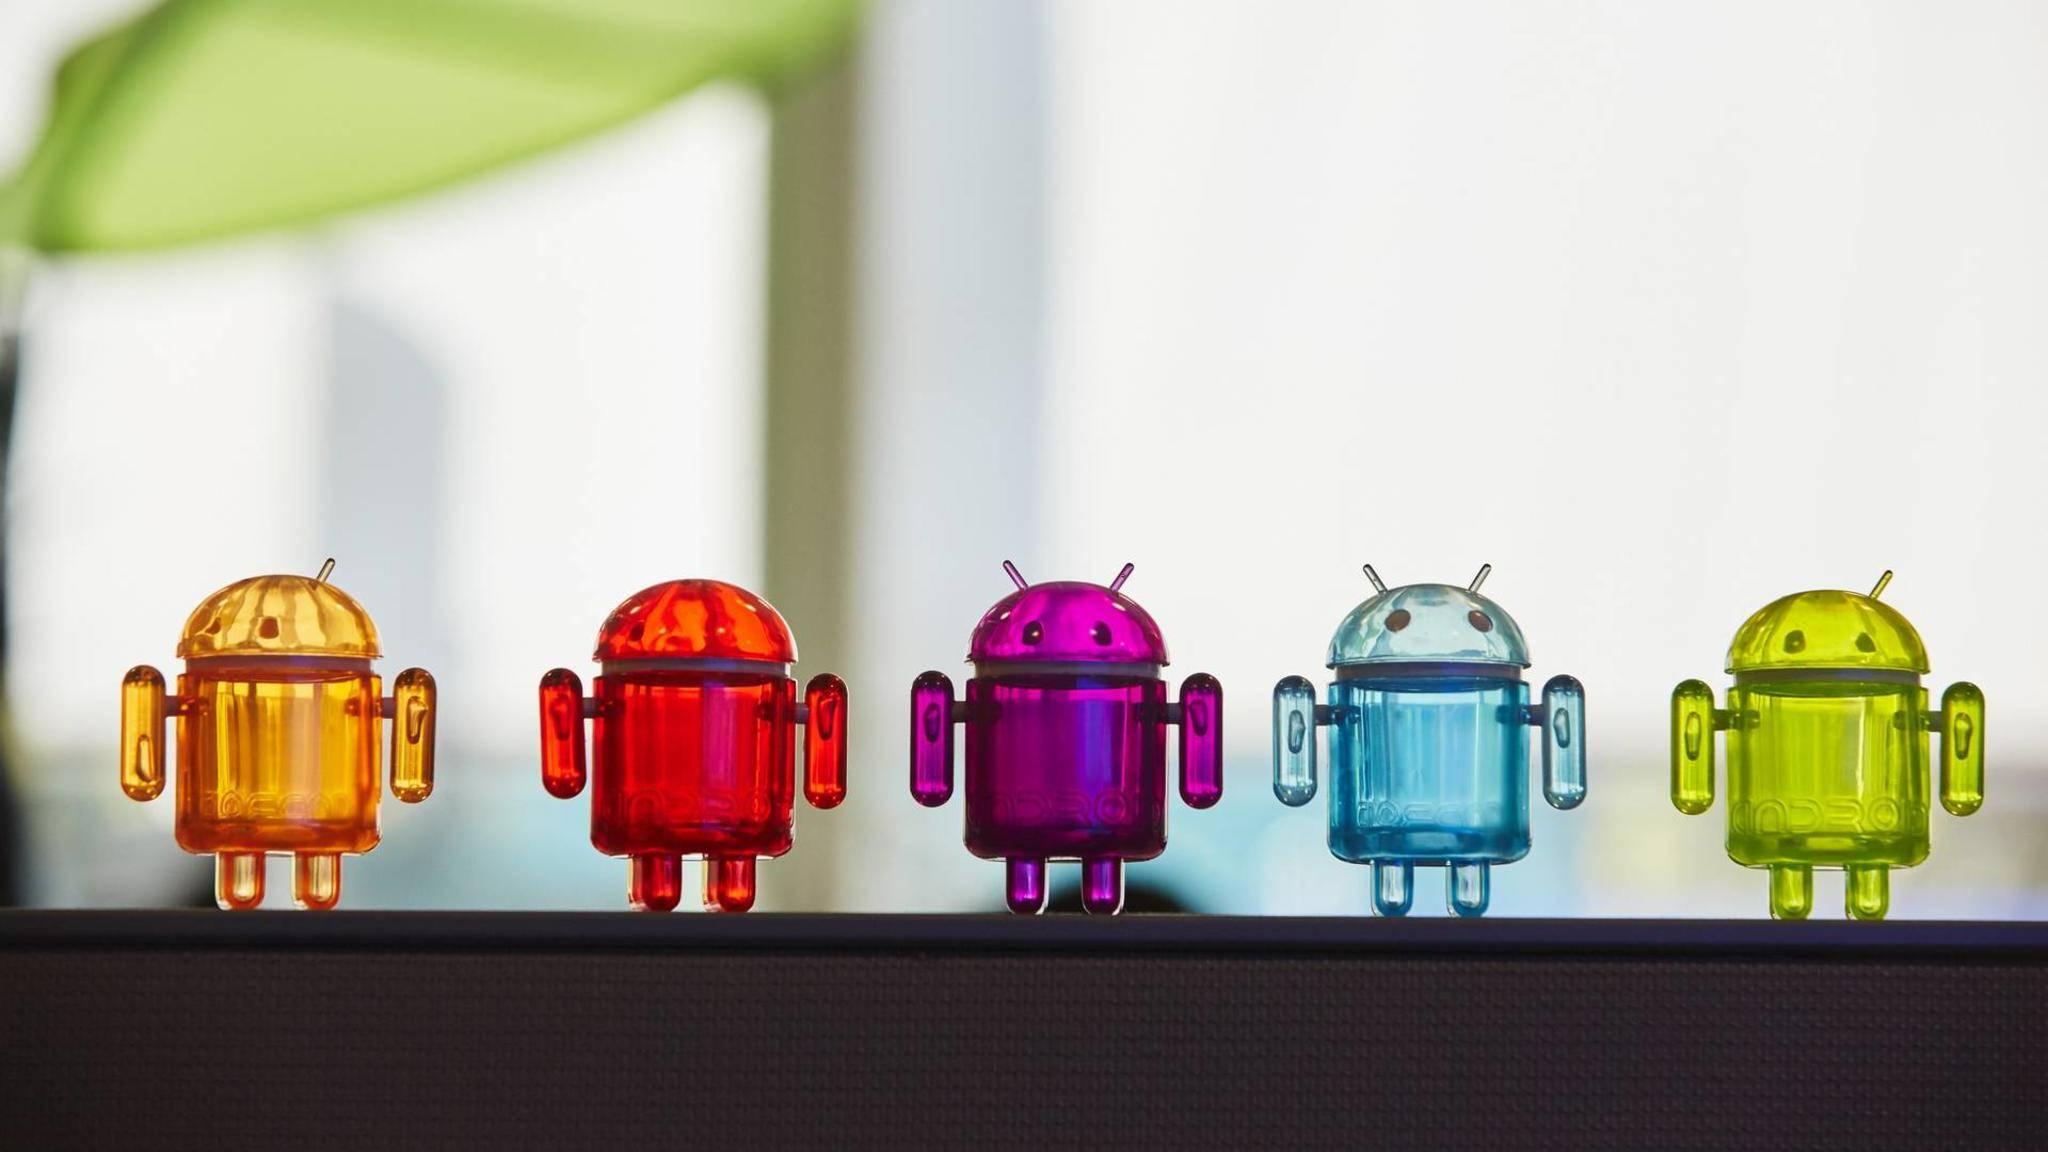 Android ist ziemlich vielseitig: Wir stellen drei weit verbreitete Nutzeroberflächen vor.